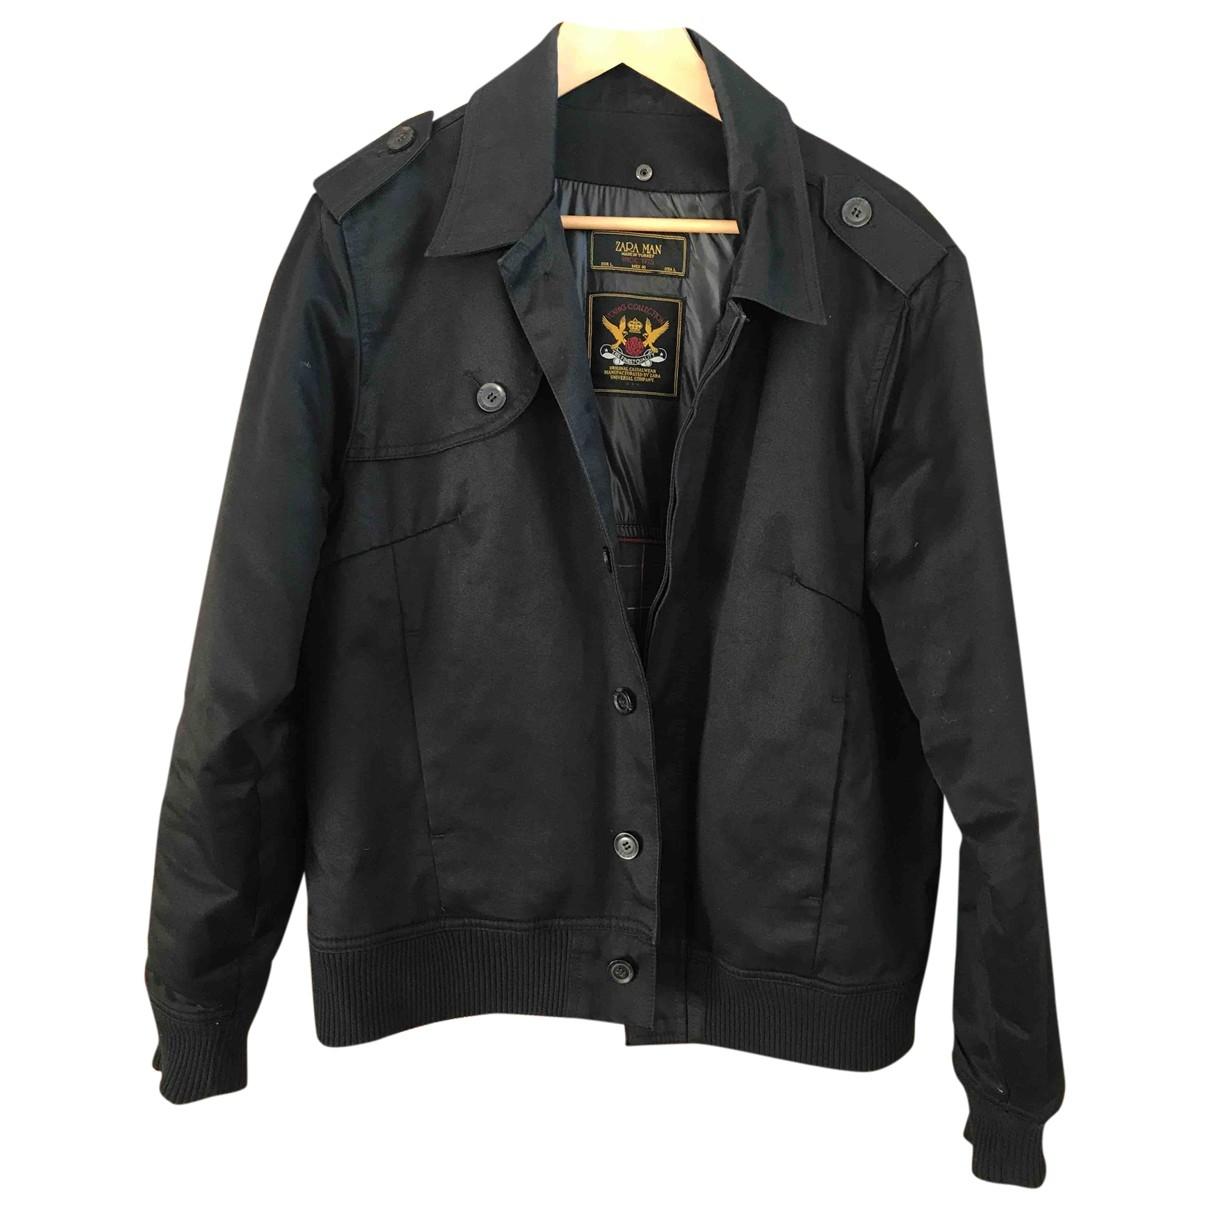 Zara - Vestes.Blousons   pour homme en coton - noir